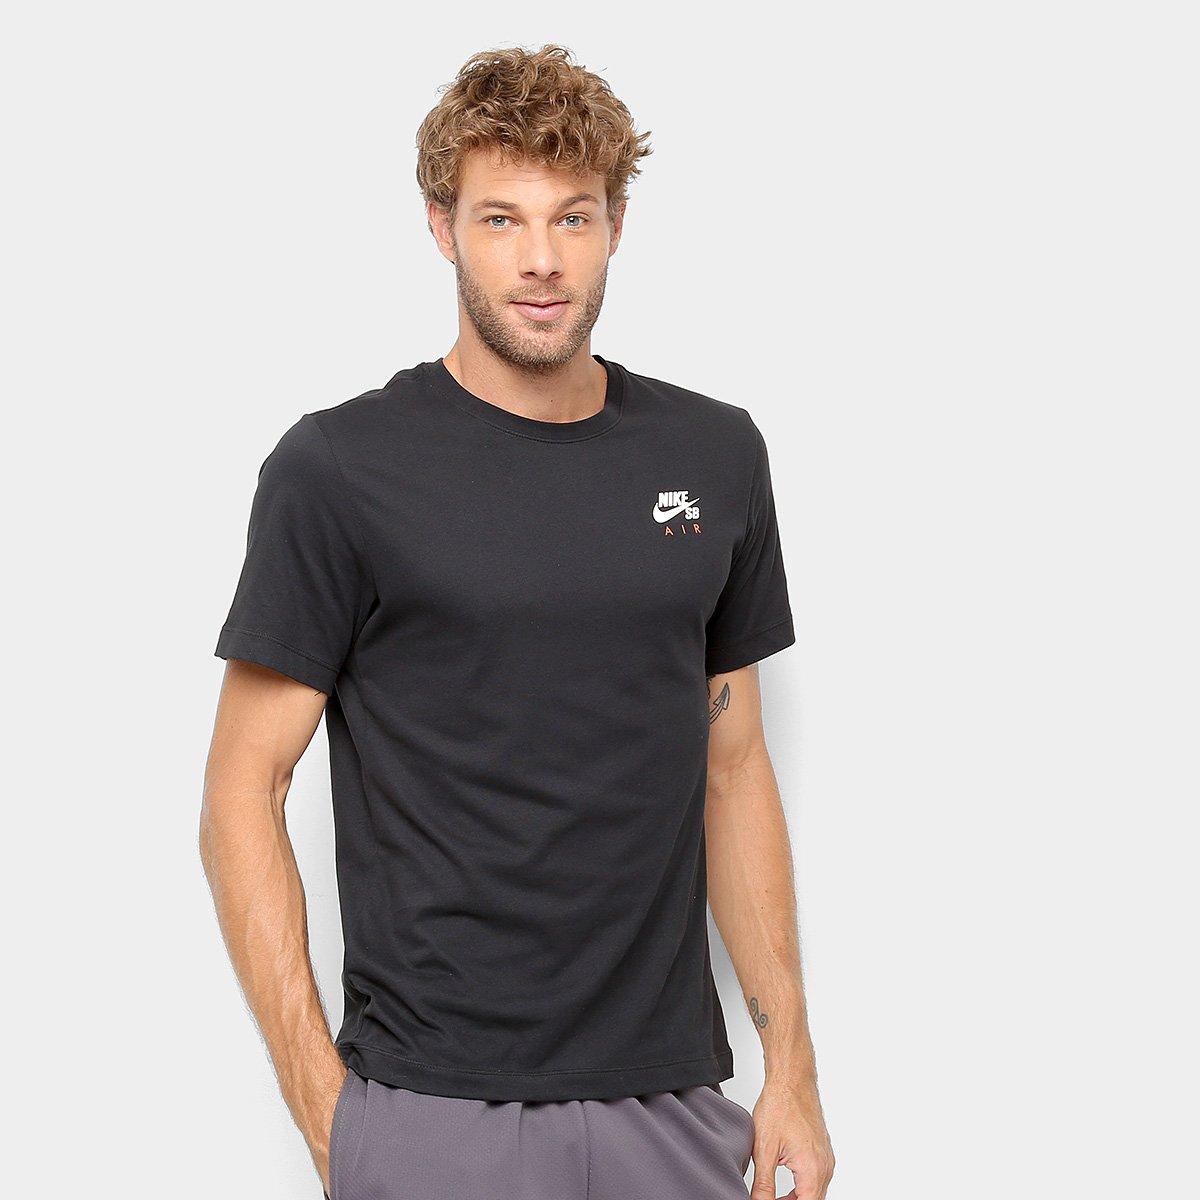 e34b51e0f4c17 Camiseta Nike SB Básica Estampada Dry Air Masculina - Preto - Compre Agora